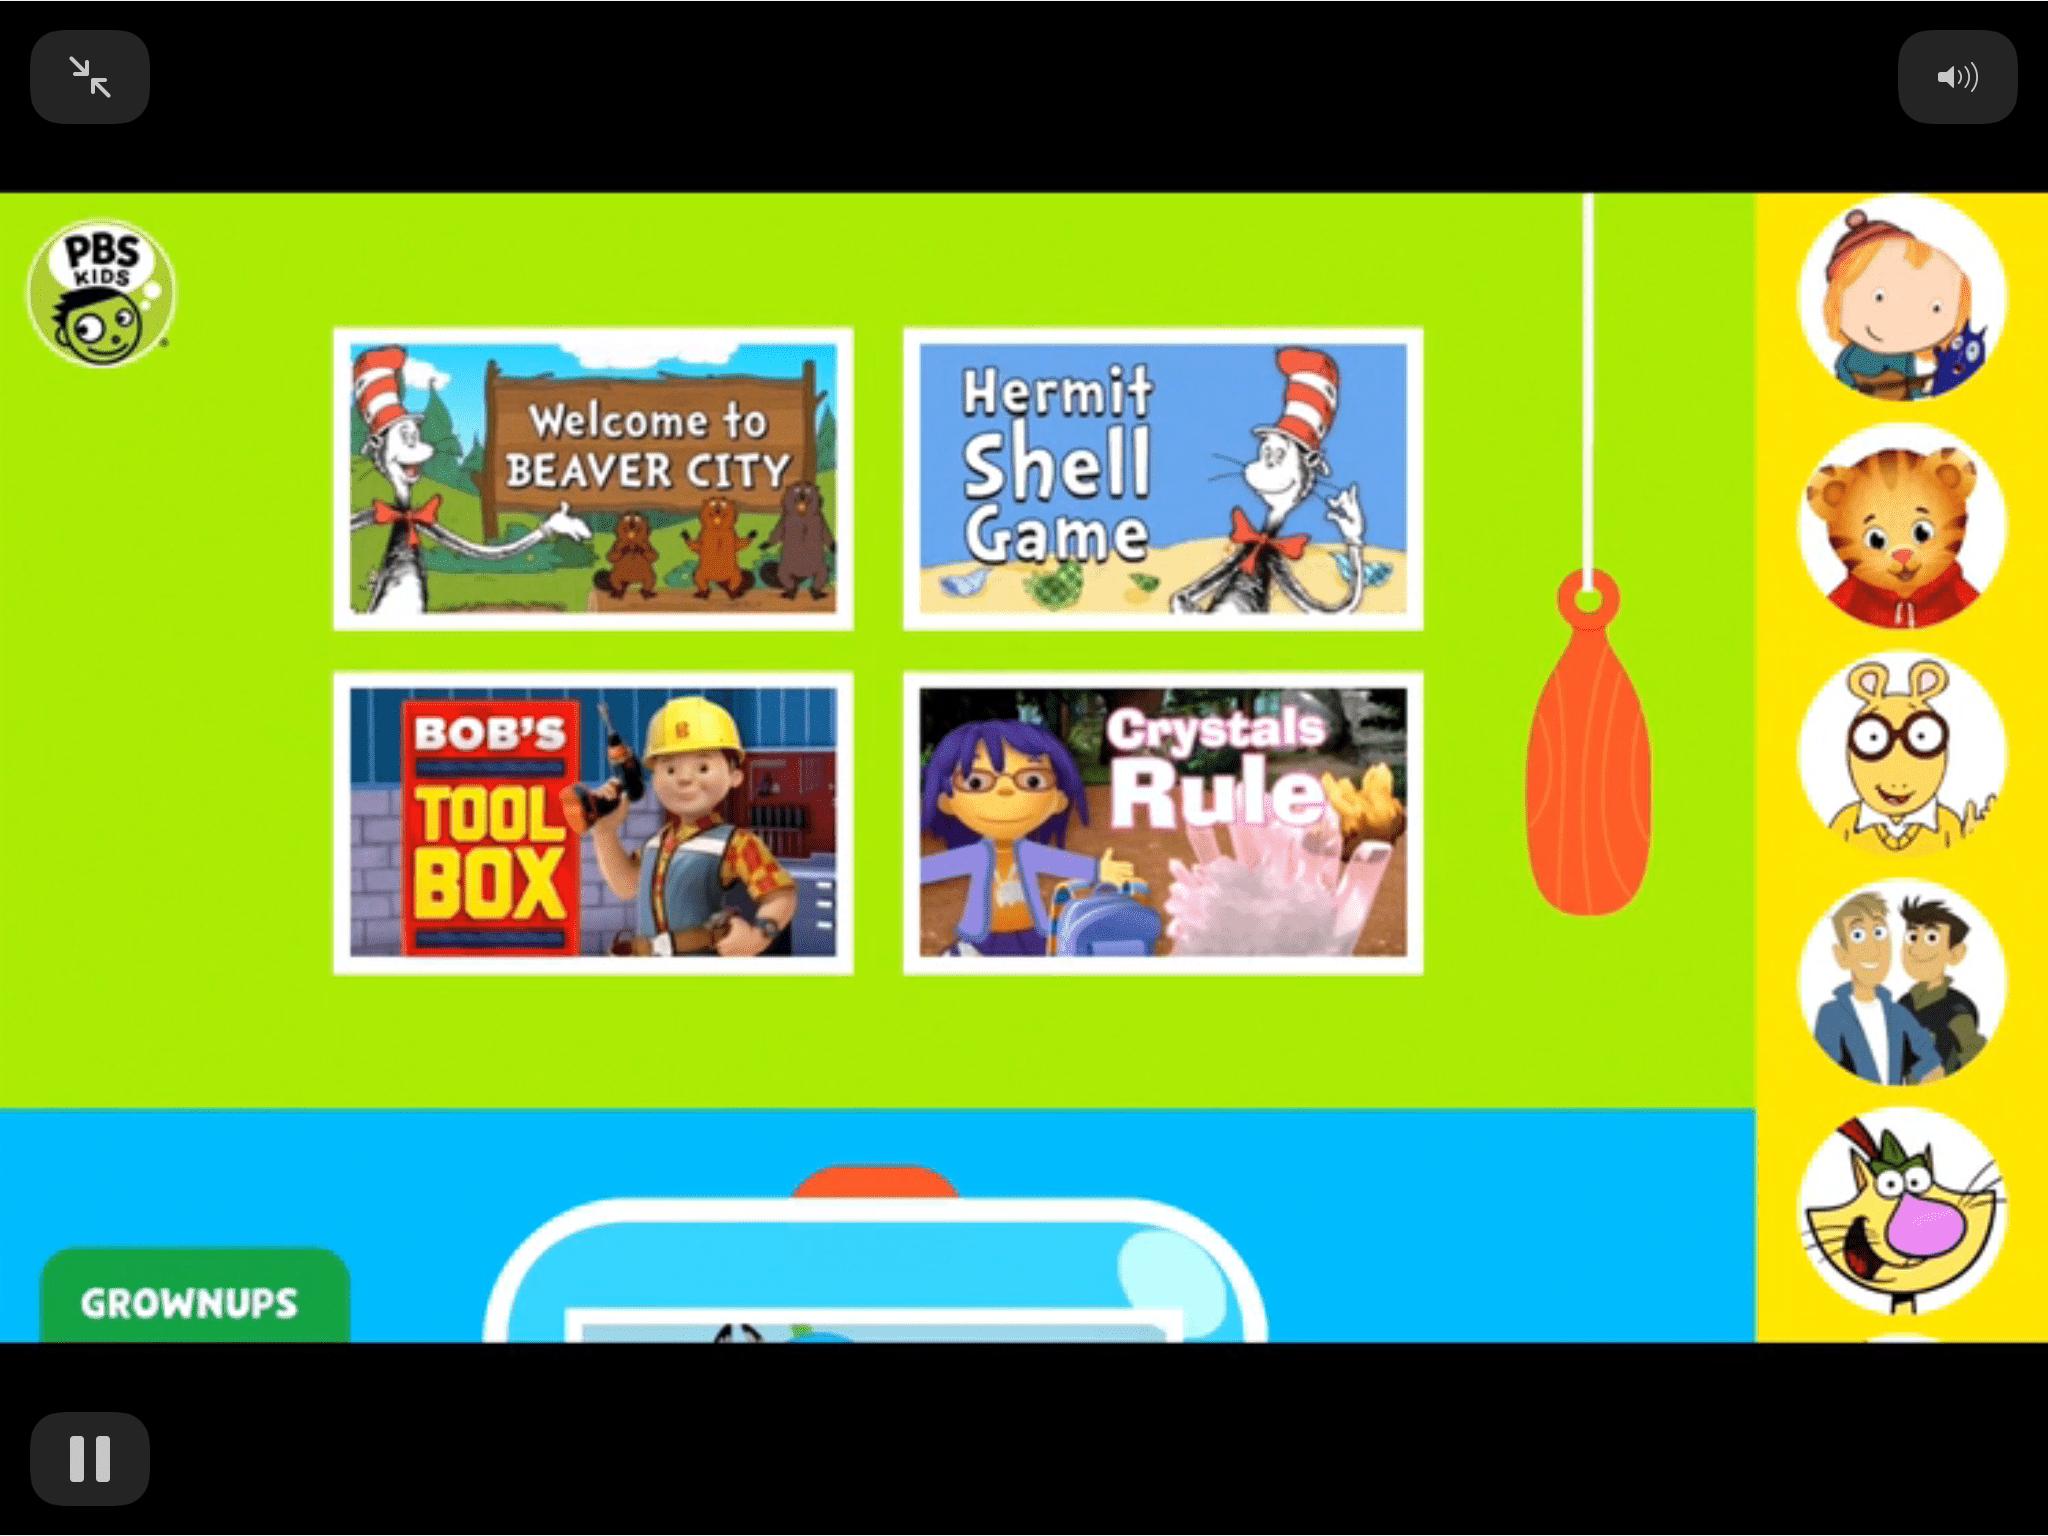 PBS Ipad screenshot